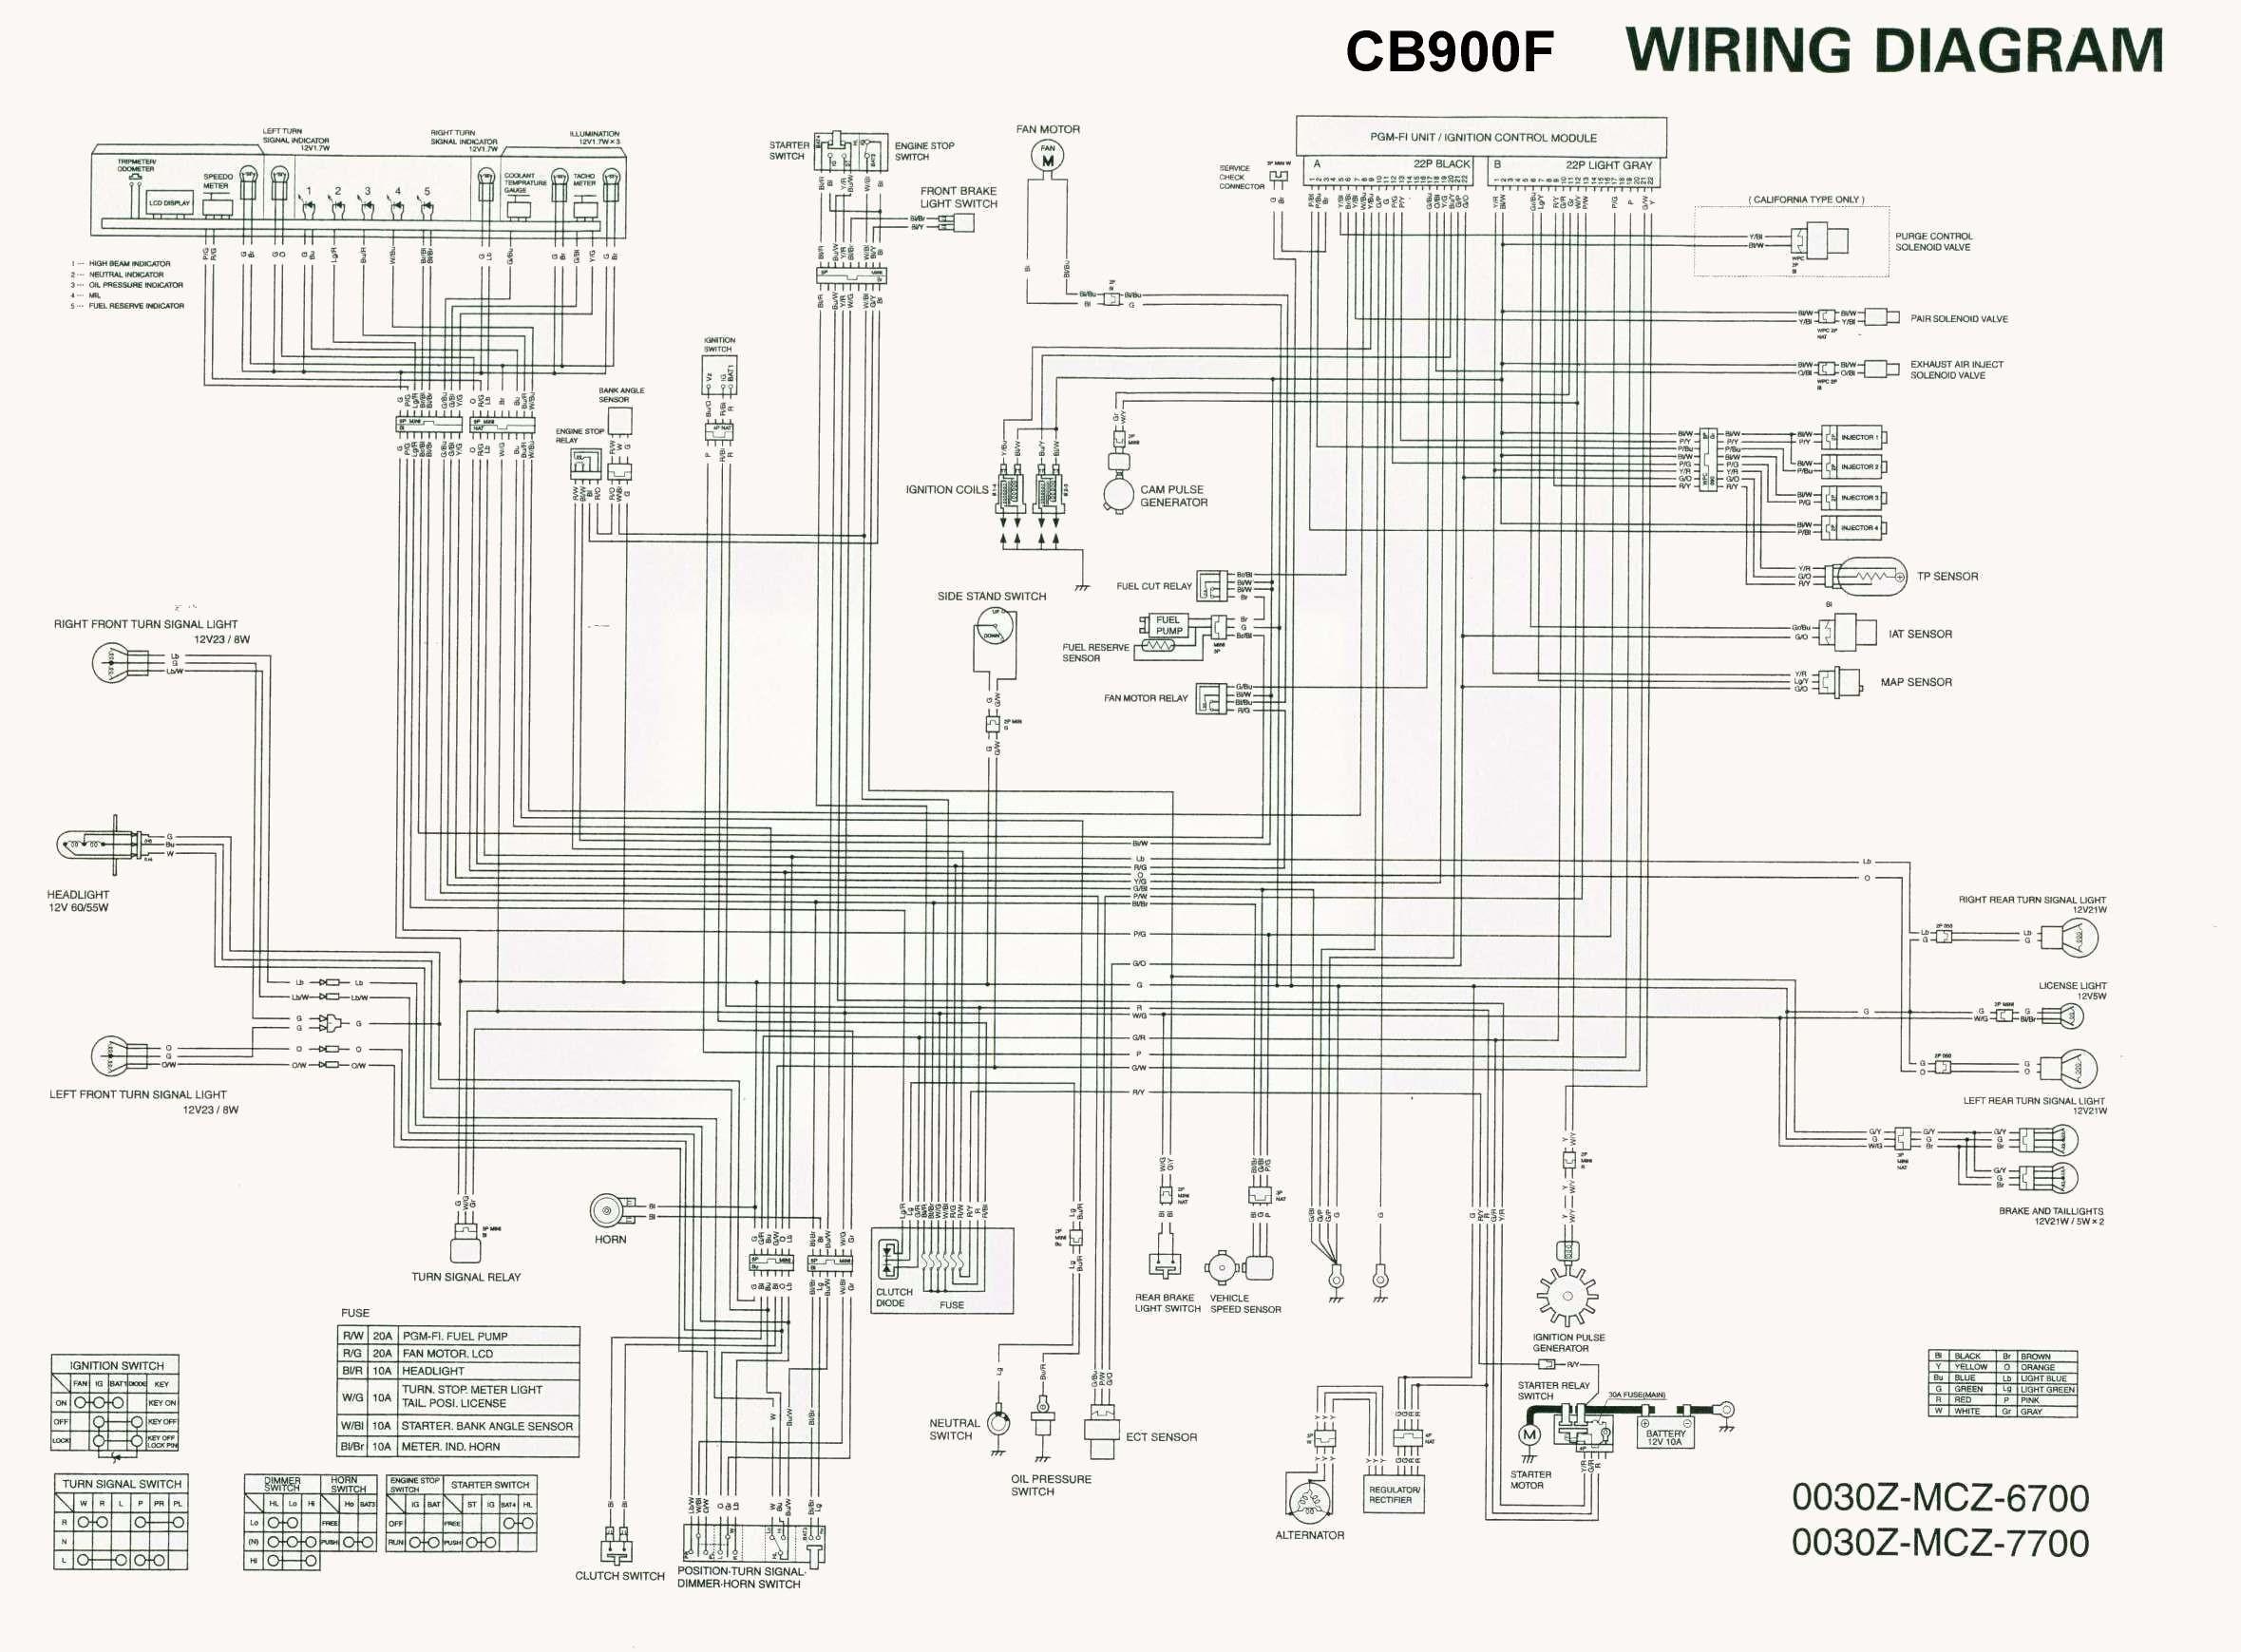 Honda 300 Cdi Wire Diagram. Honda. Wiring Diagram Images